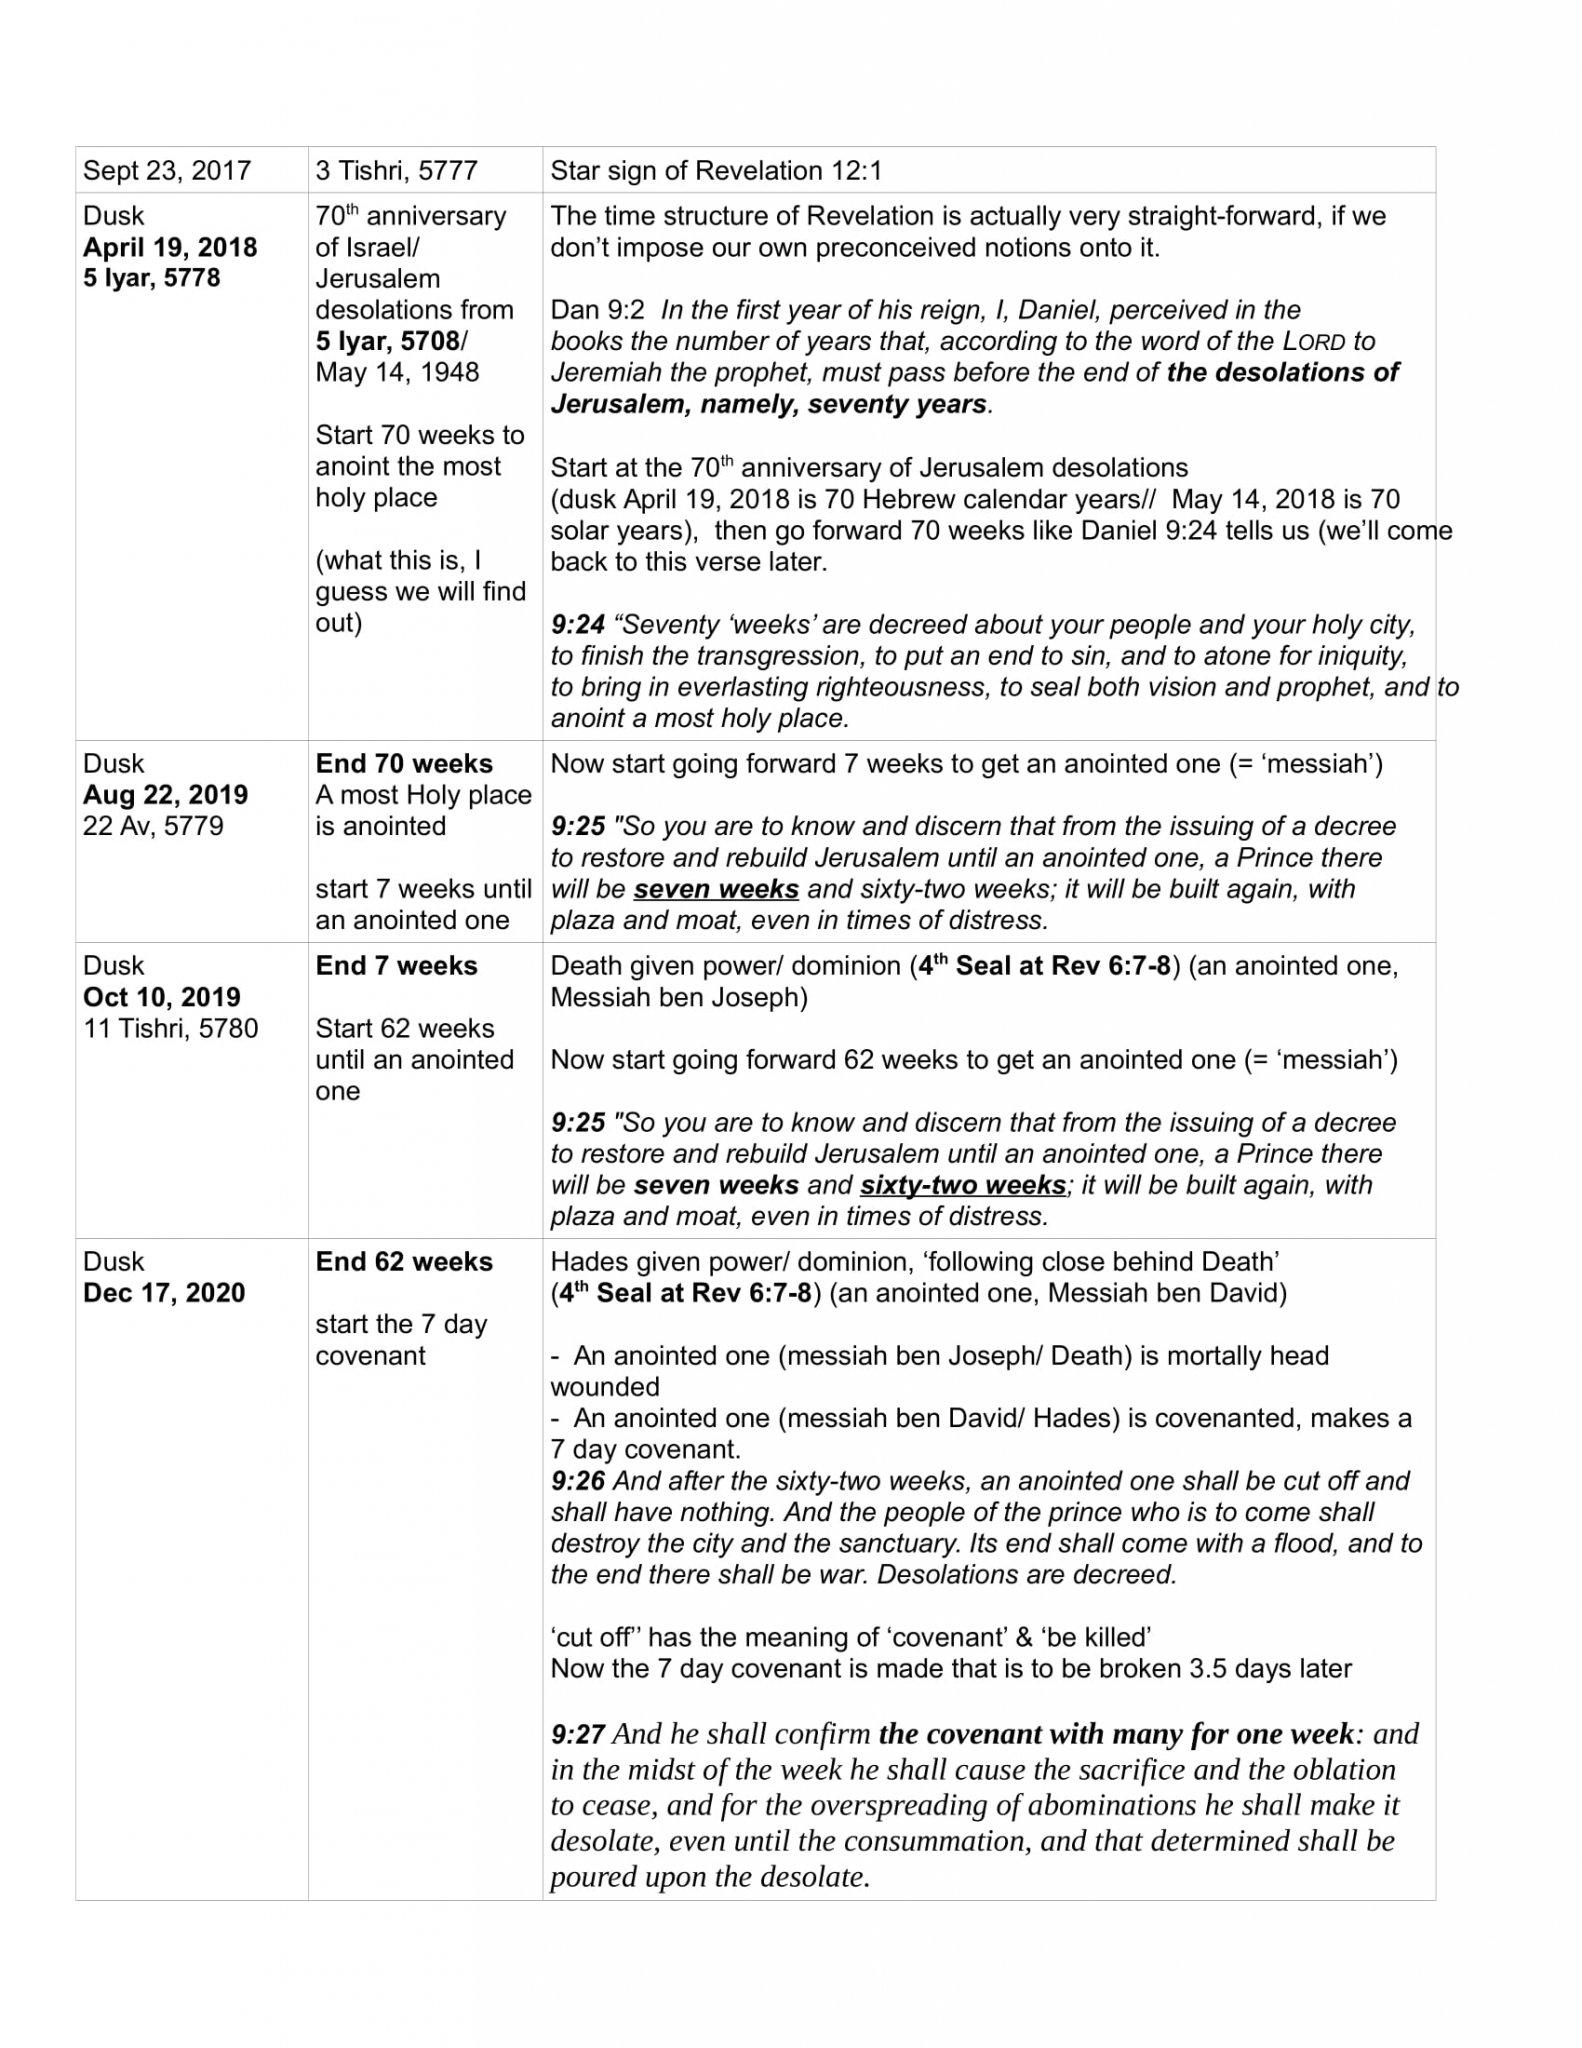 tablept1 for pdf-1.jpg